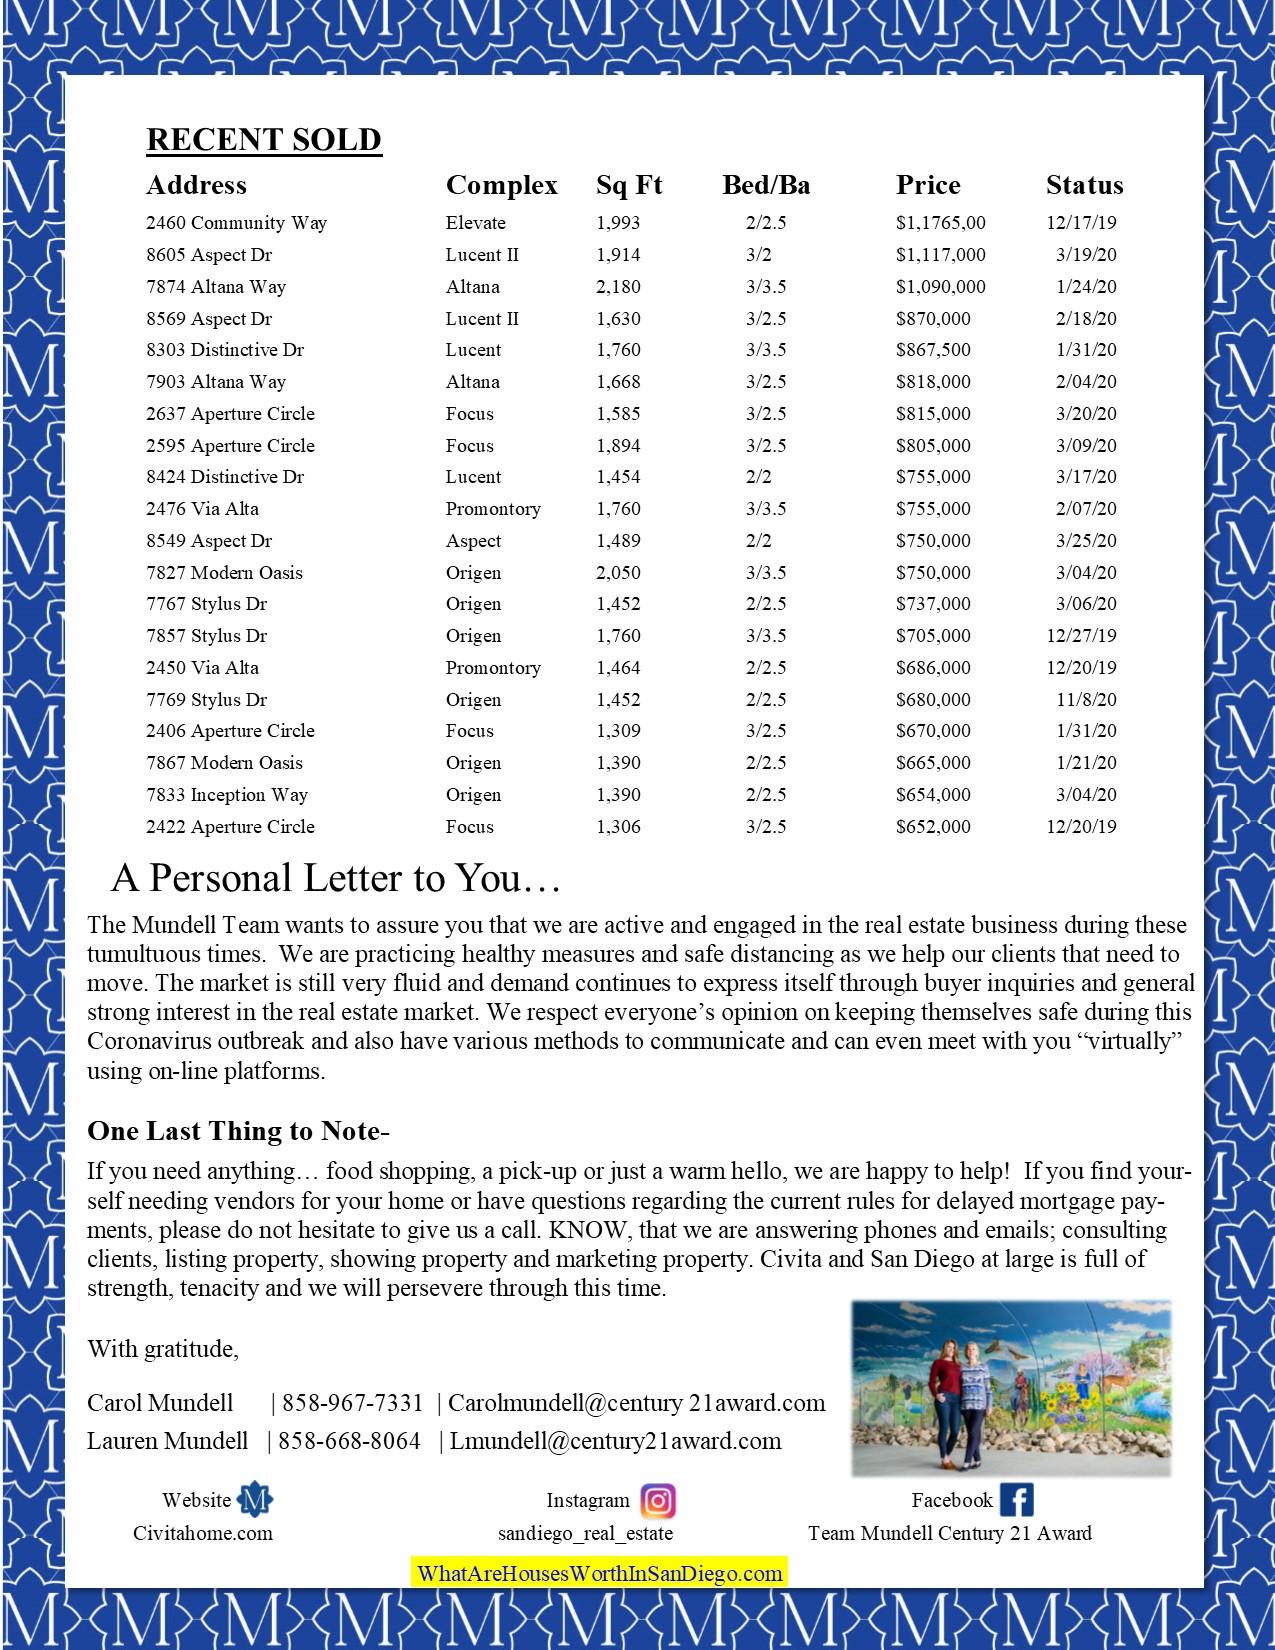 04-20 Civita newsletter2